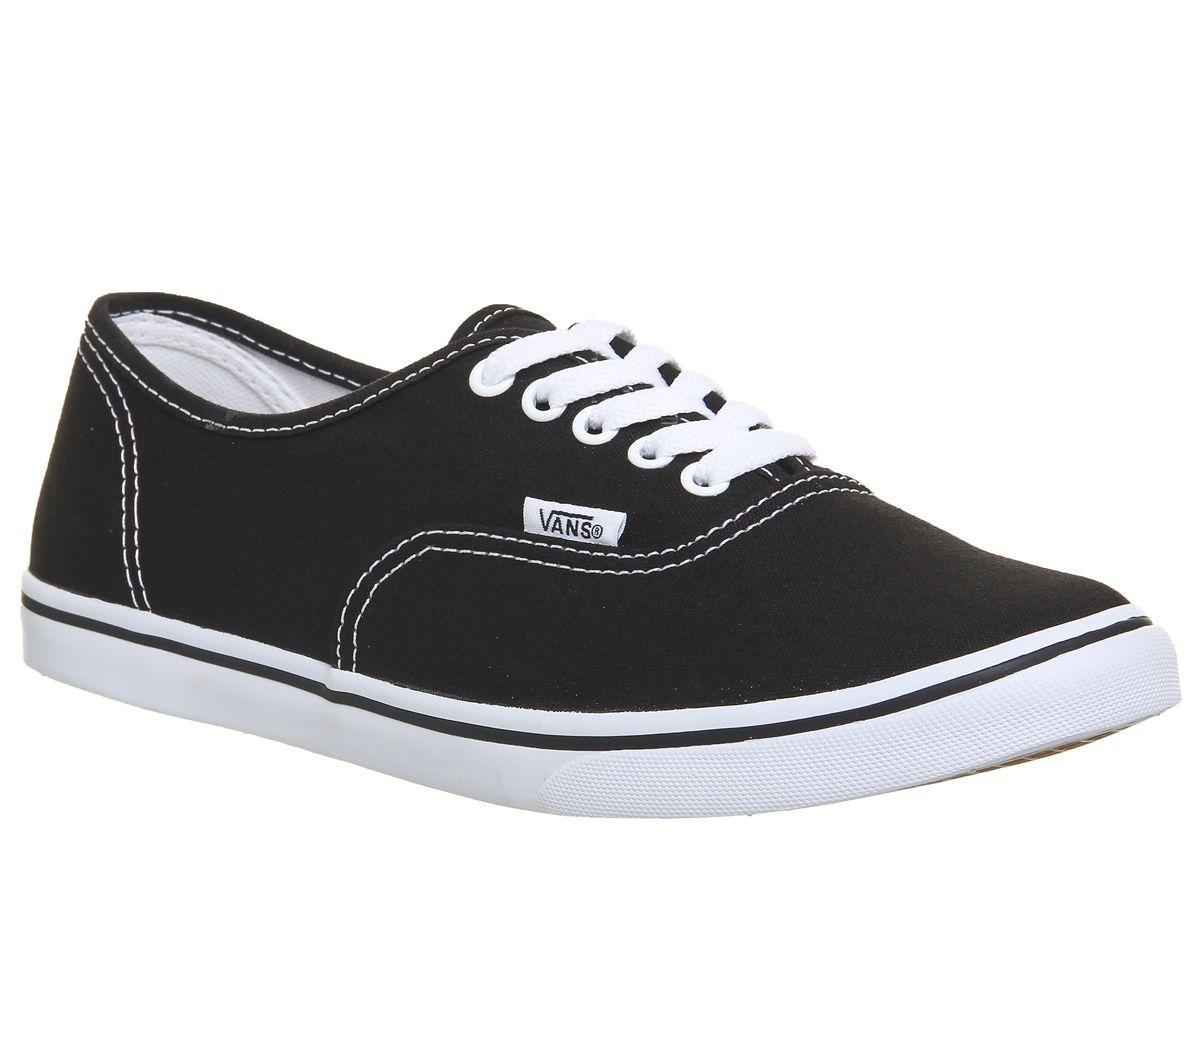 cb8684f639 Vans Authentic Lo Pro Black White - junior